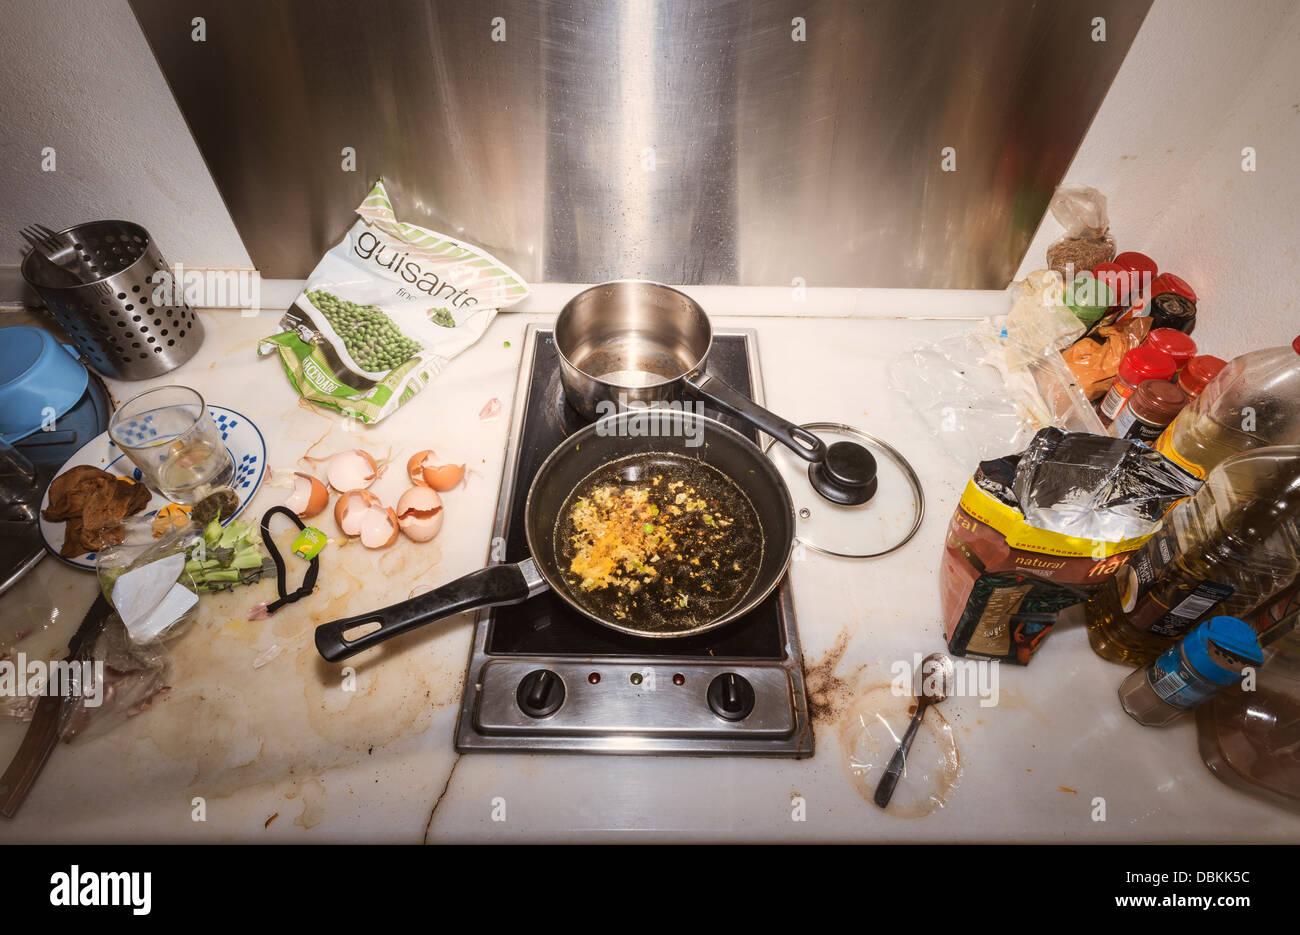 Dreckige Küche | Dreckige Kuche Weisse Kuchen Kuchentrends In Weiss Kuche Co